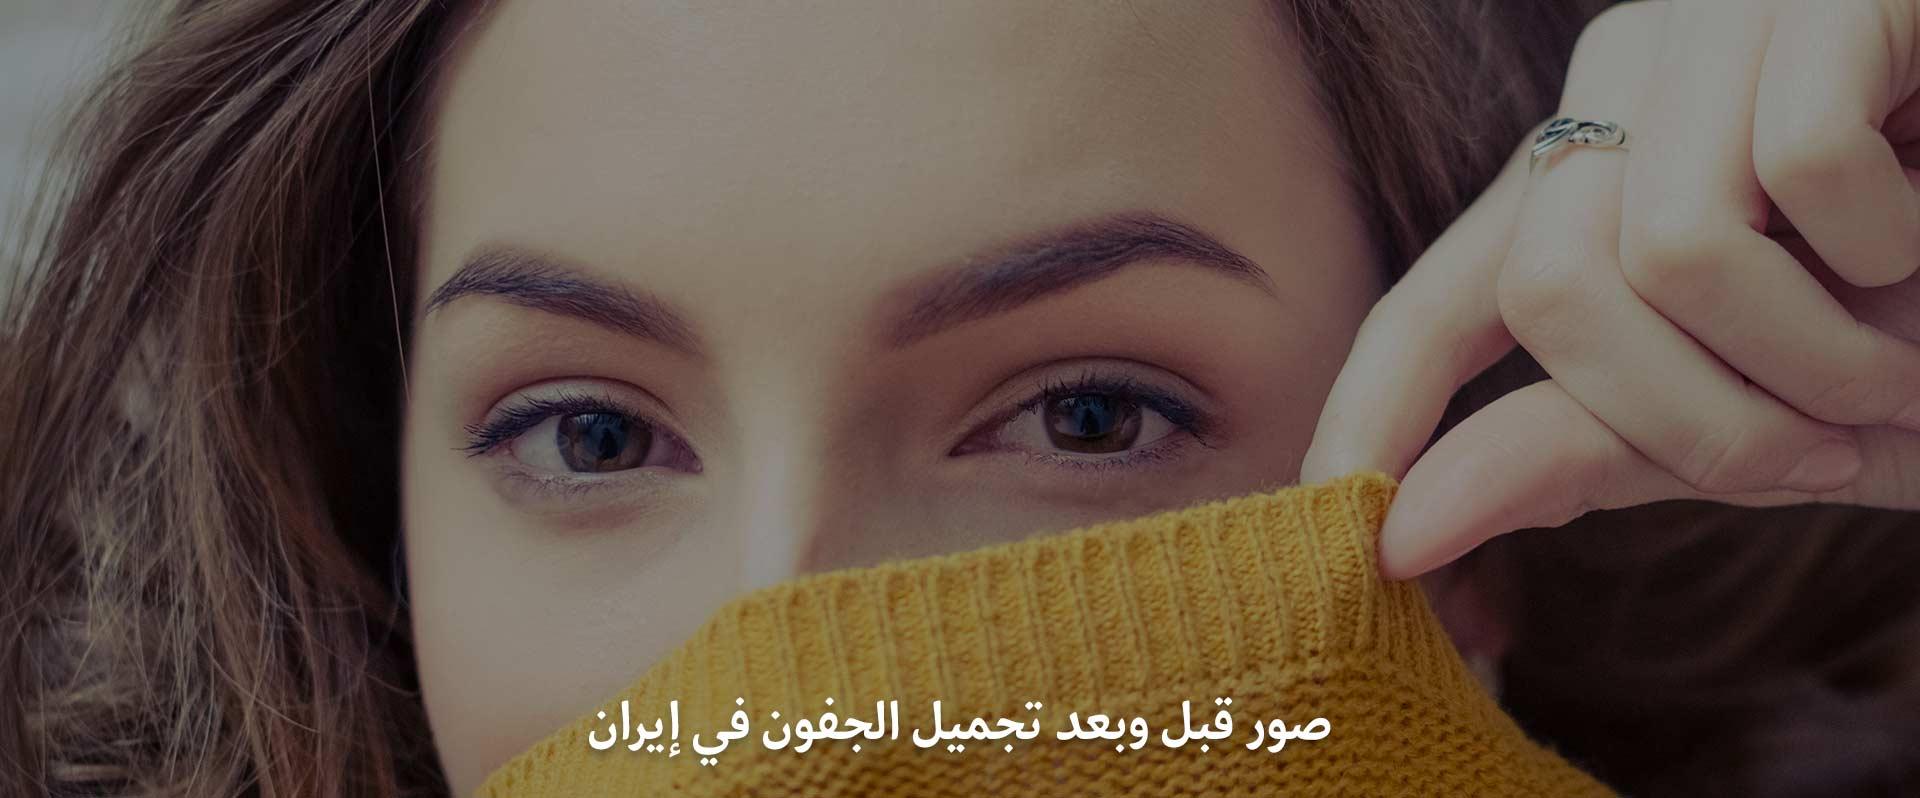 صور قبل وبعد شد الجفون في ايران